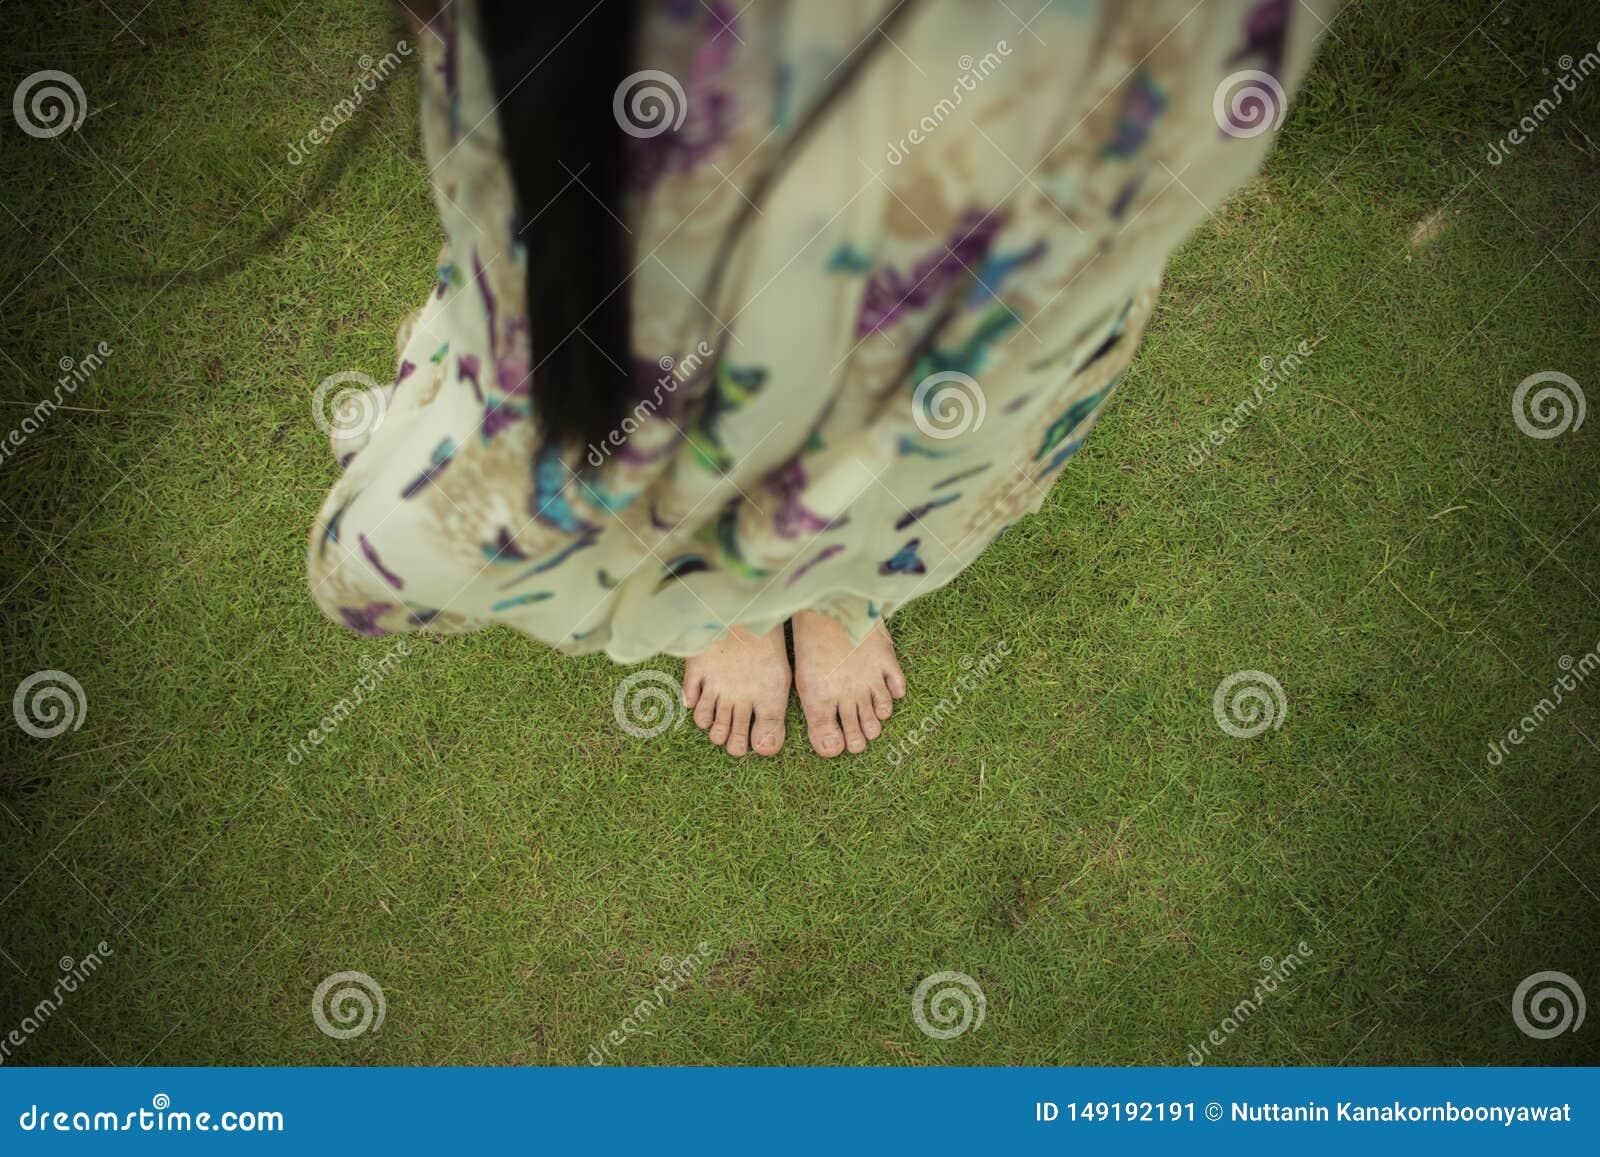 Νέο ξυπόλυτο περπάτημα γυναικών στη φρέσκια, πράσινη χλόη το ηλιόλουστο καλοκαίρι το πρωί Αναπαυτική στιγμή r Brigh